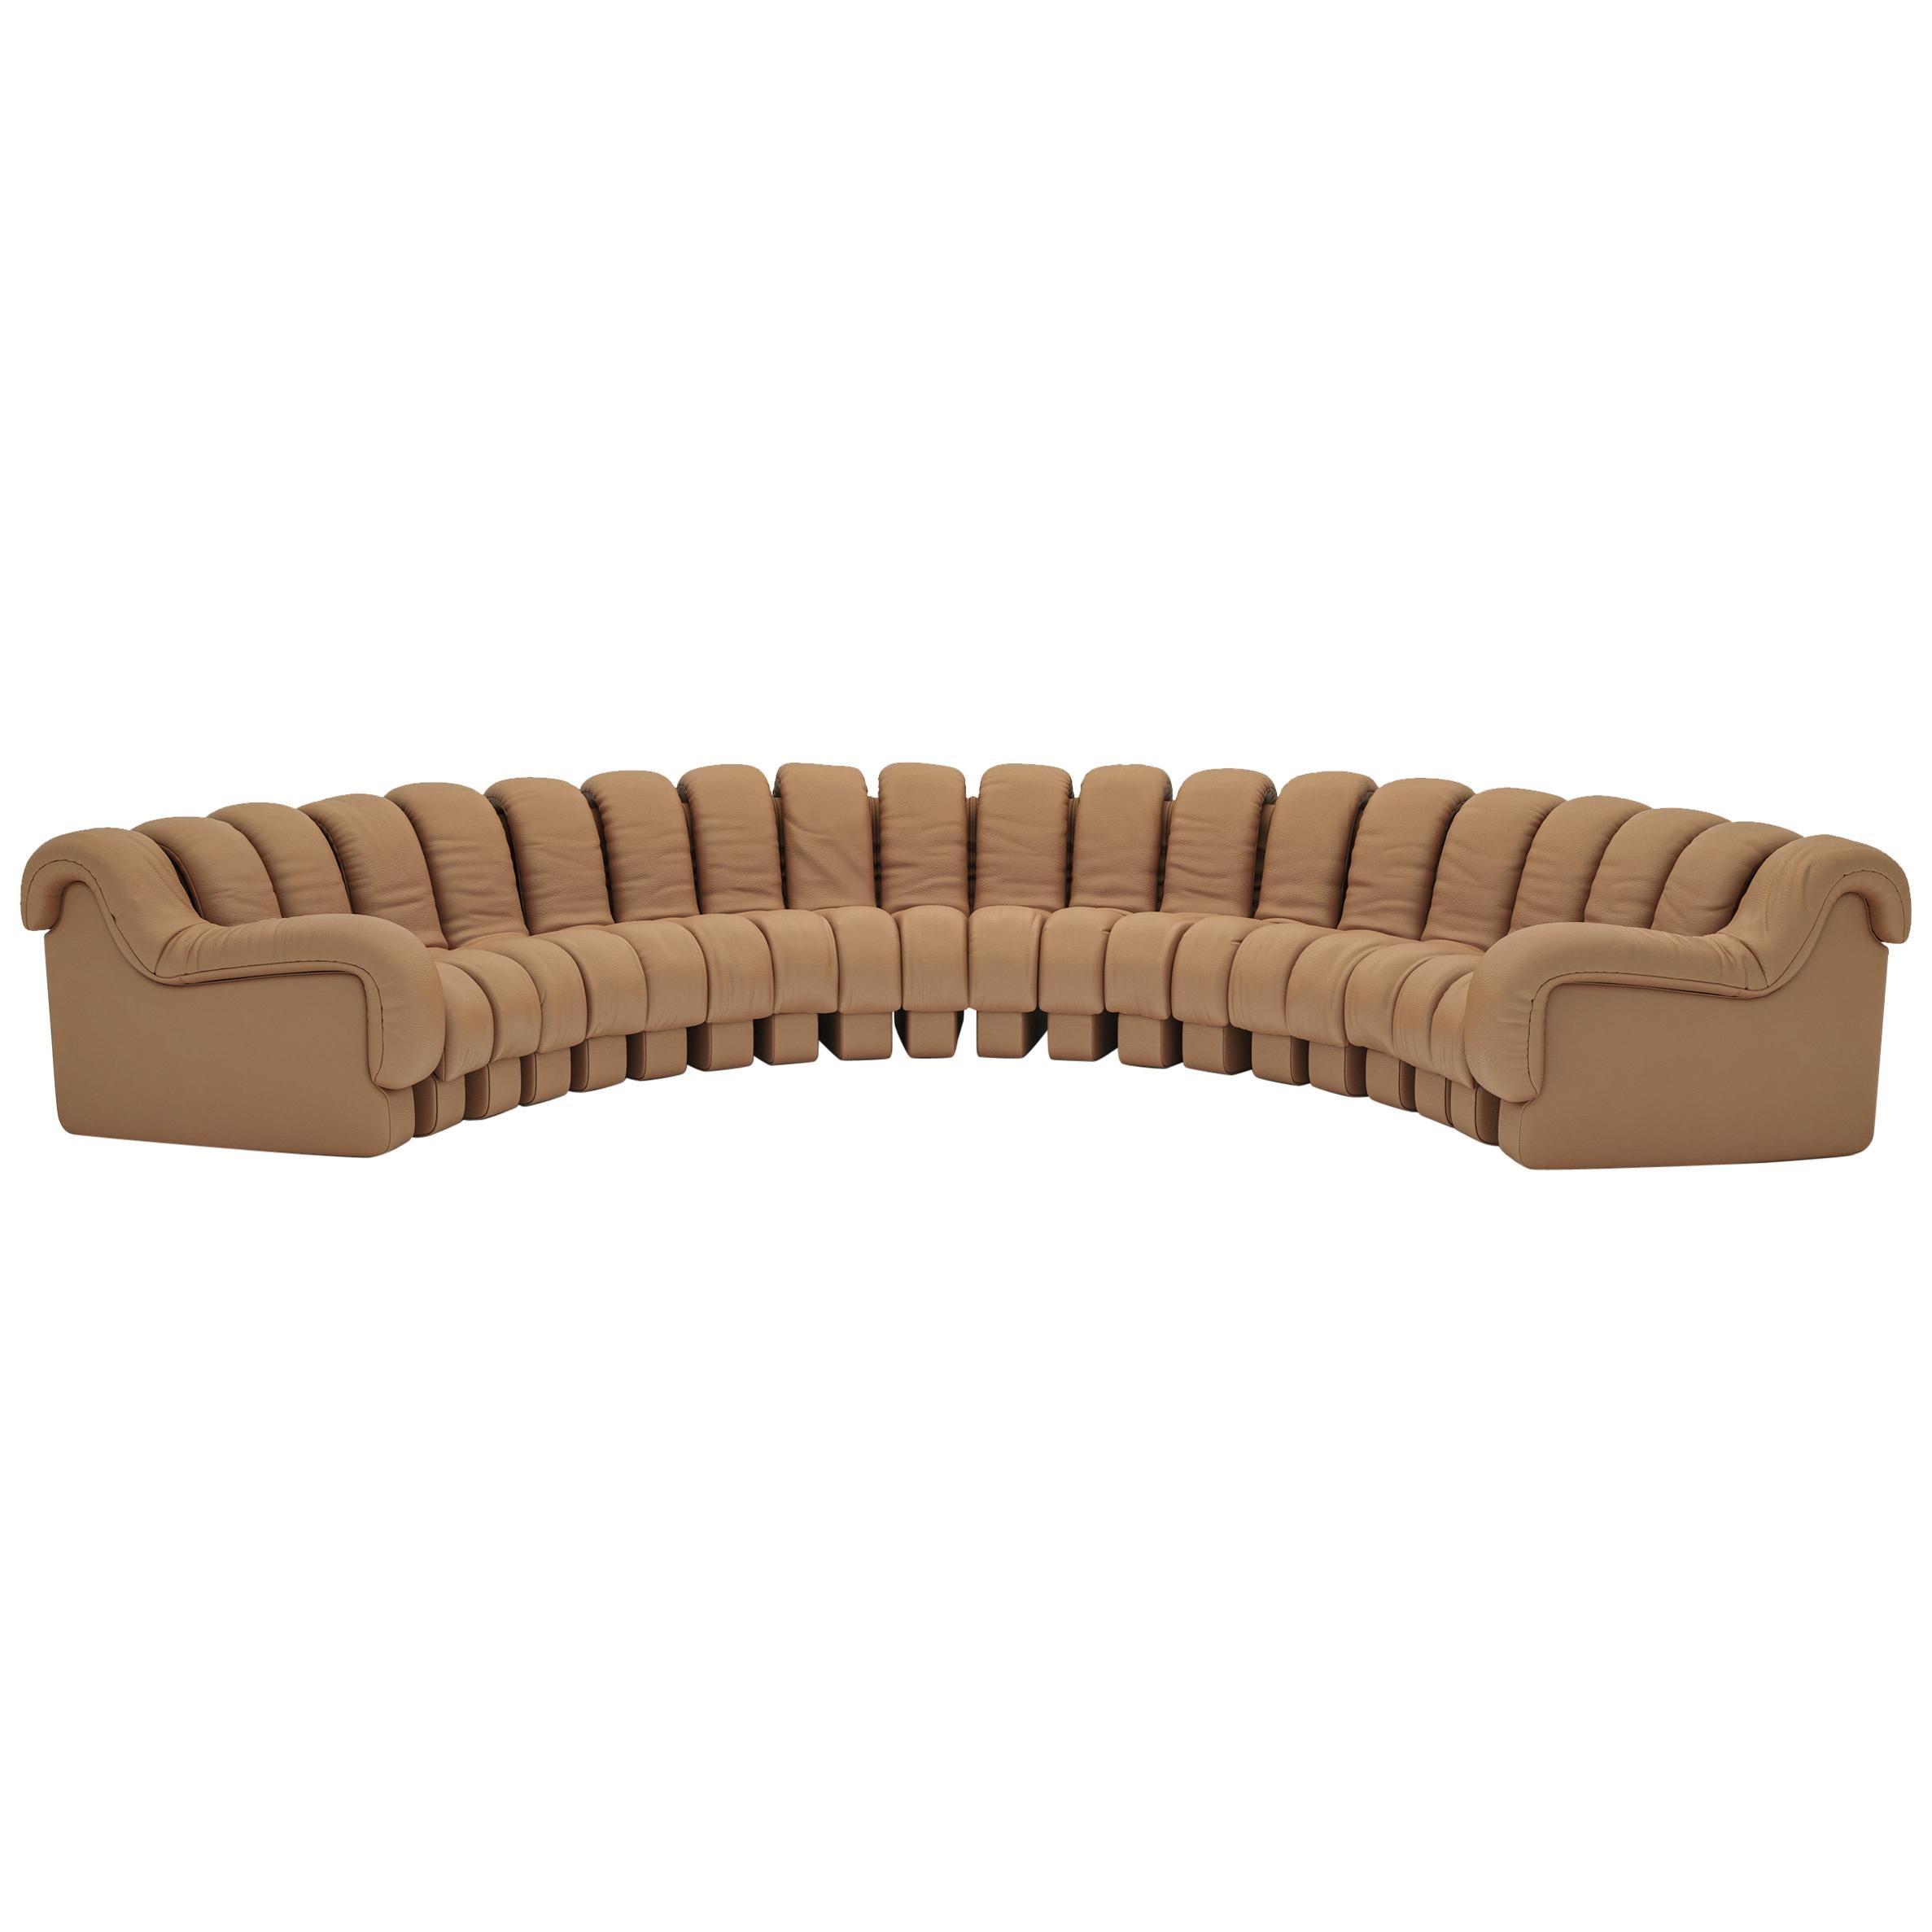 De Sede DS-600 Snake-Shape Modular Sofa in Nougat Leather & Adjustable Elements